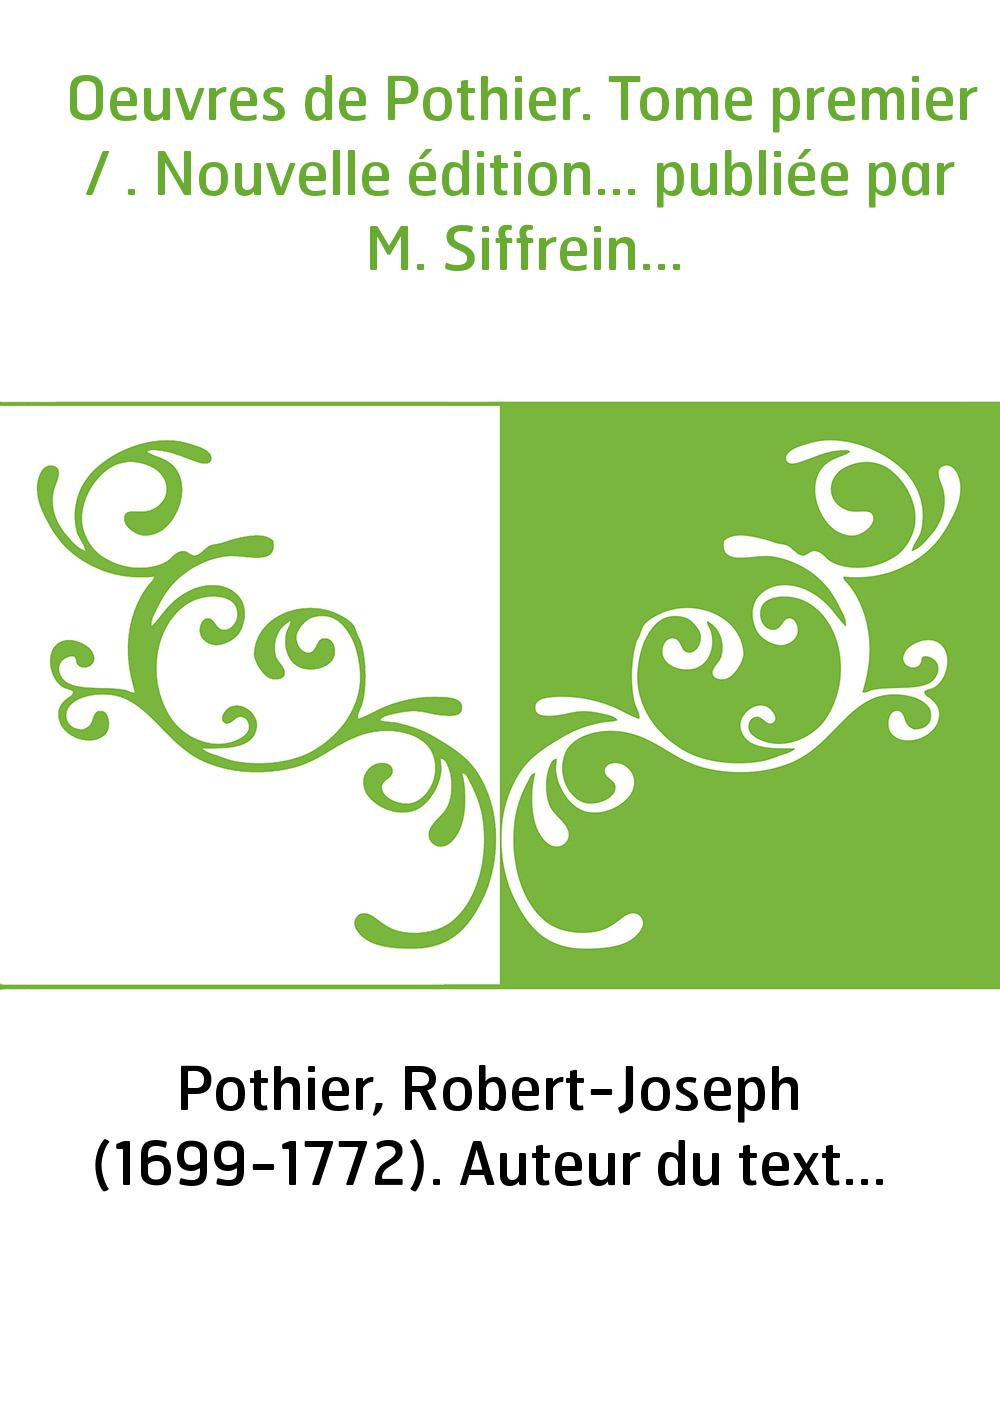 Oeuvres de Pothier. Tome premier / . Nouvelle édition... publiée par M. Siffrein...